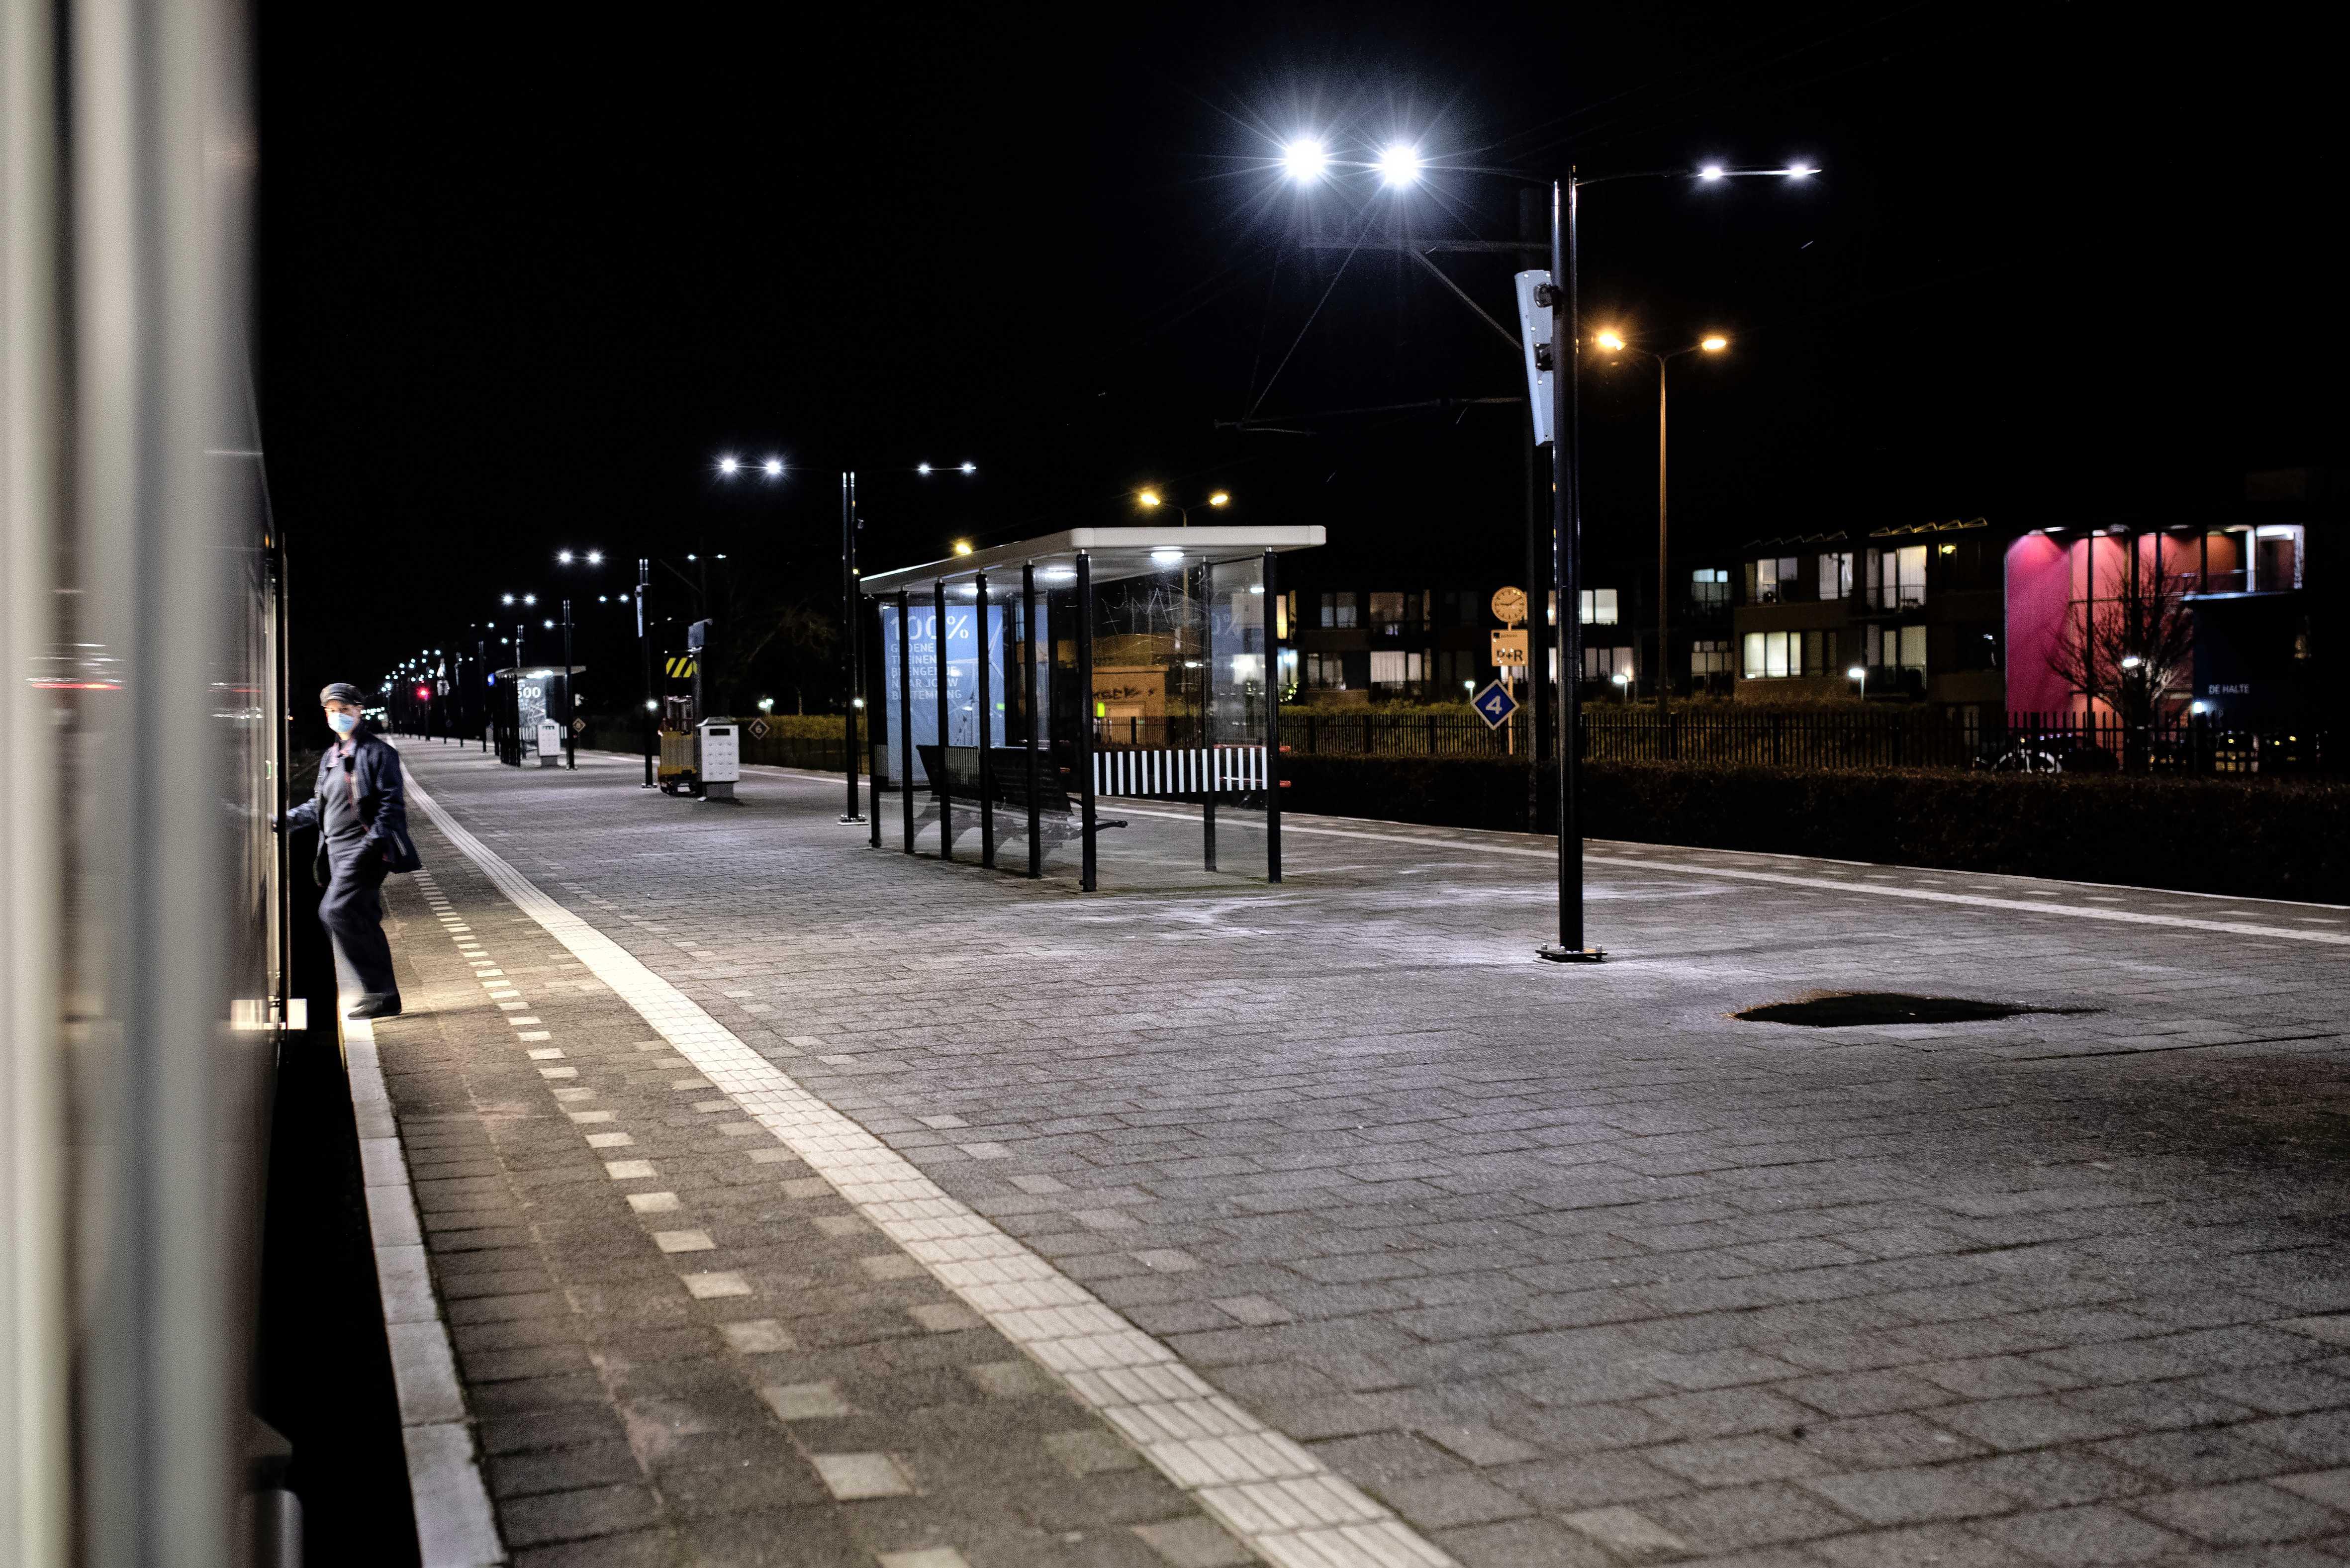 Een reis met verhalen en hindernissen, met de trein door de IJmond tijdens de avondklok. 'Ik vind het wel een beetje eng zonder toestemming'